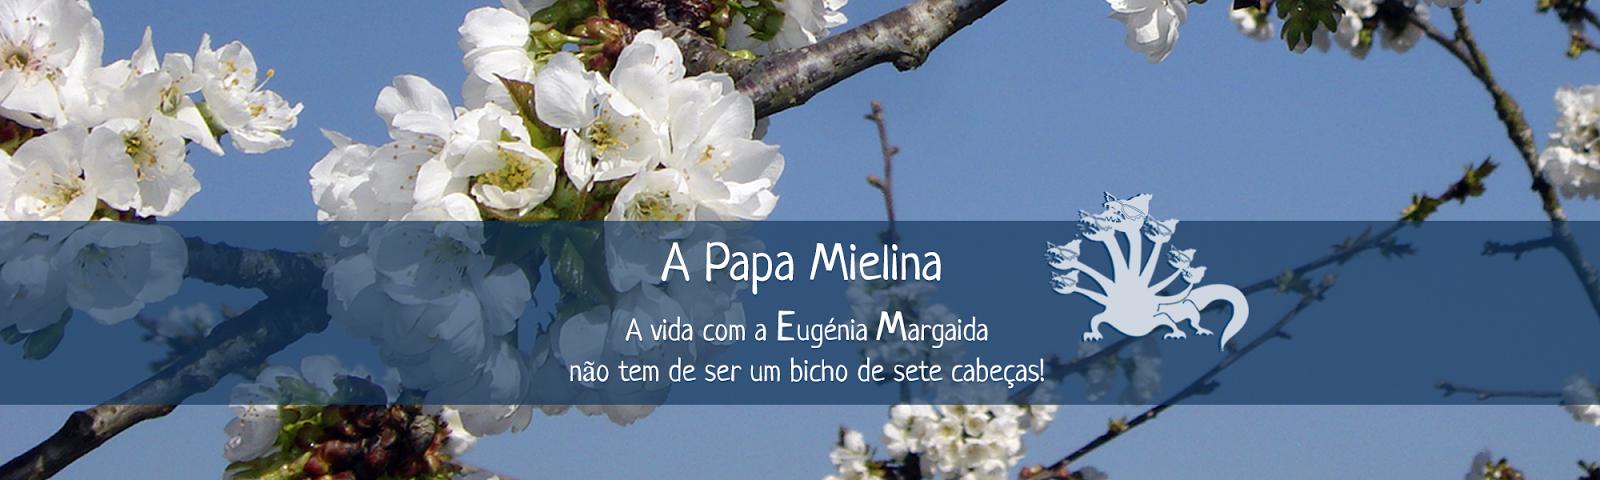 A Papa Mielina